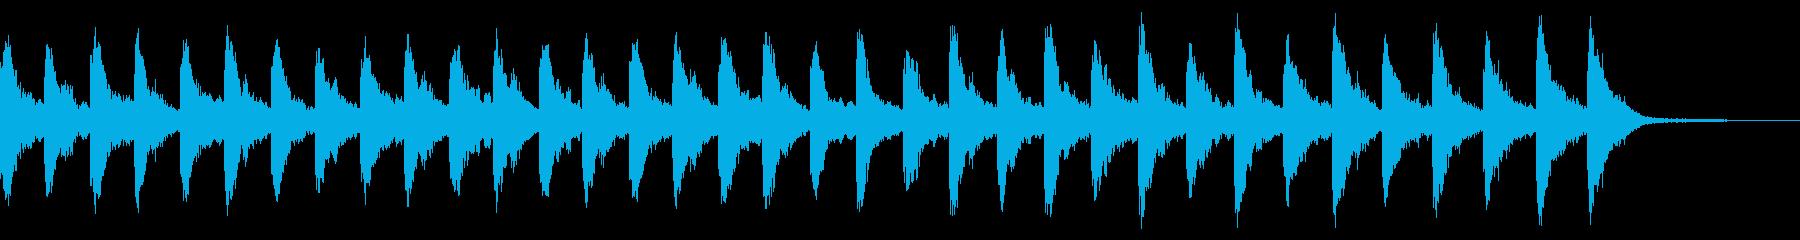 メルトンチャーチベル1:常時鳴るの再生済みの波形